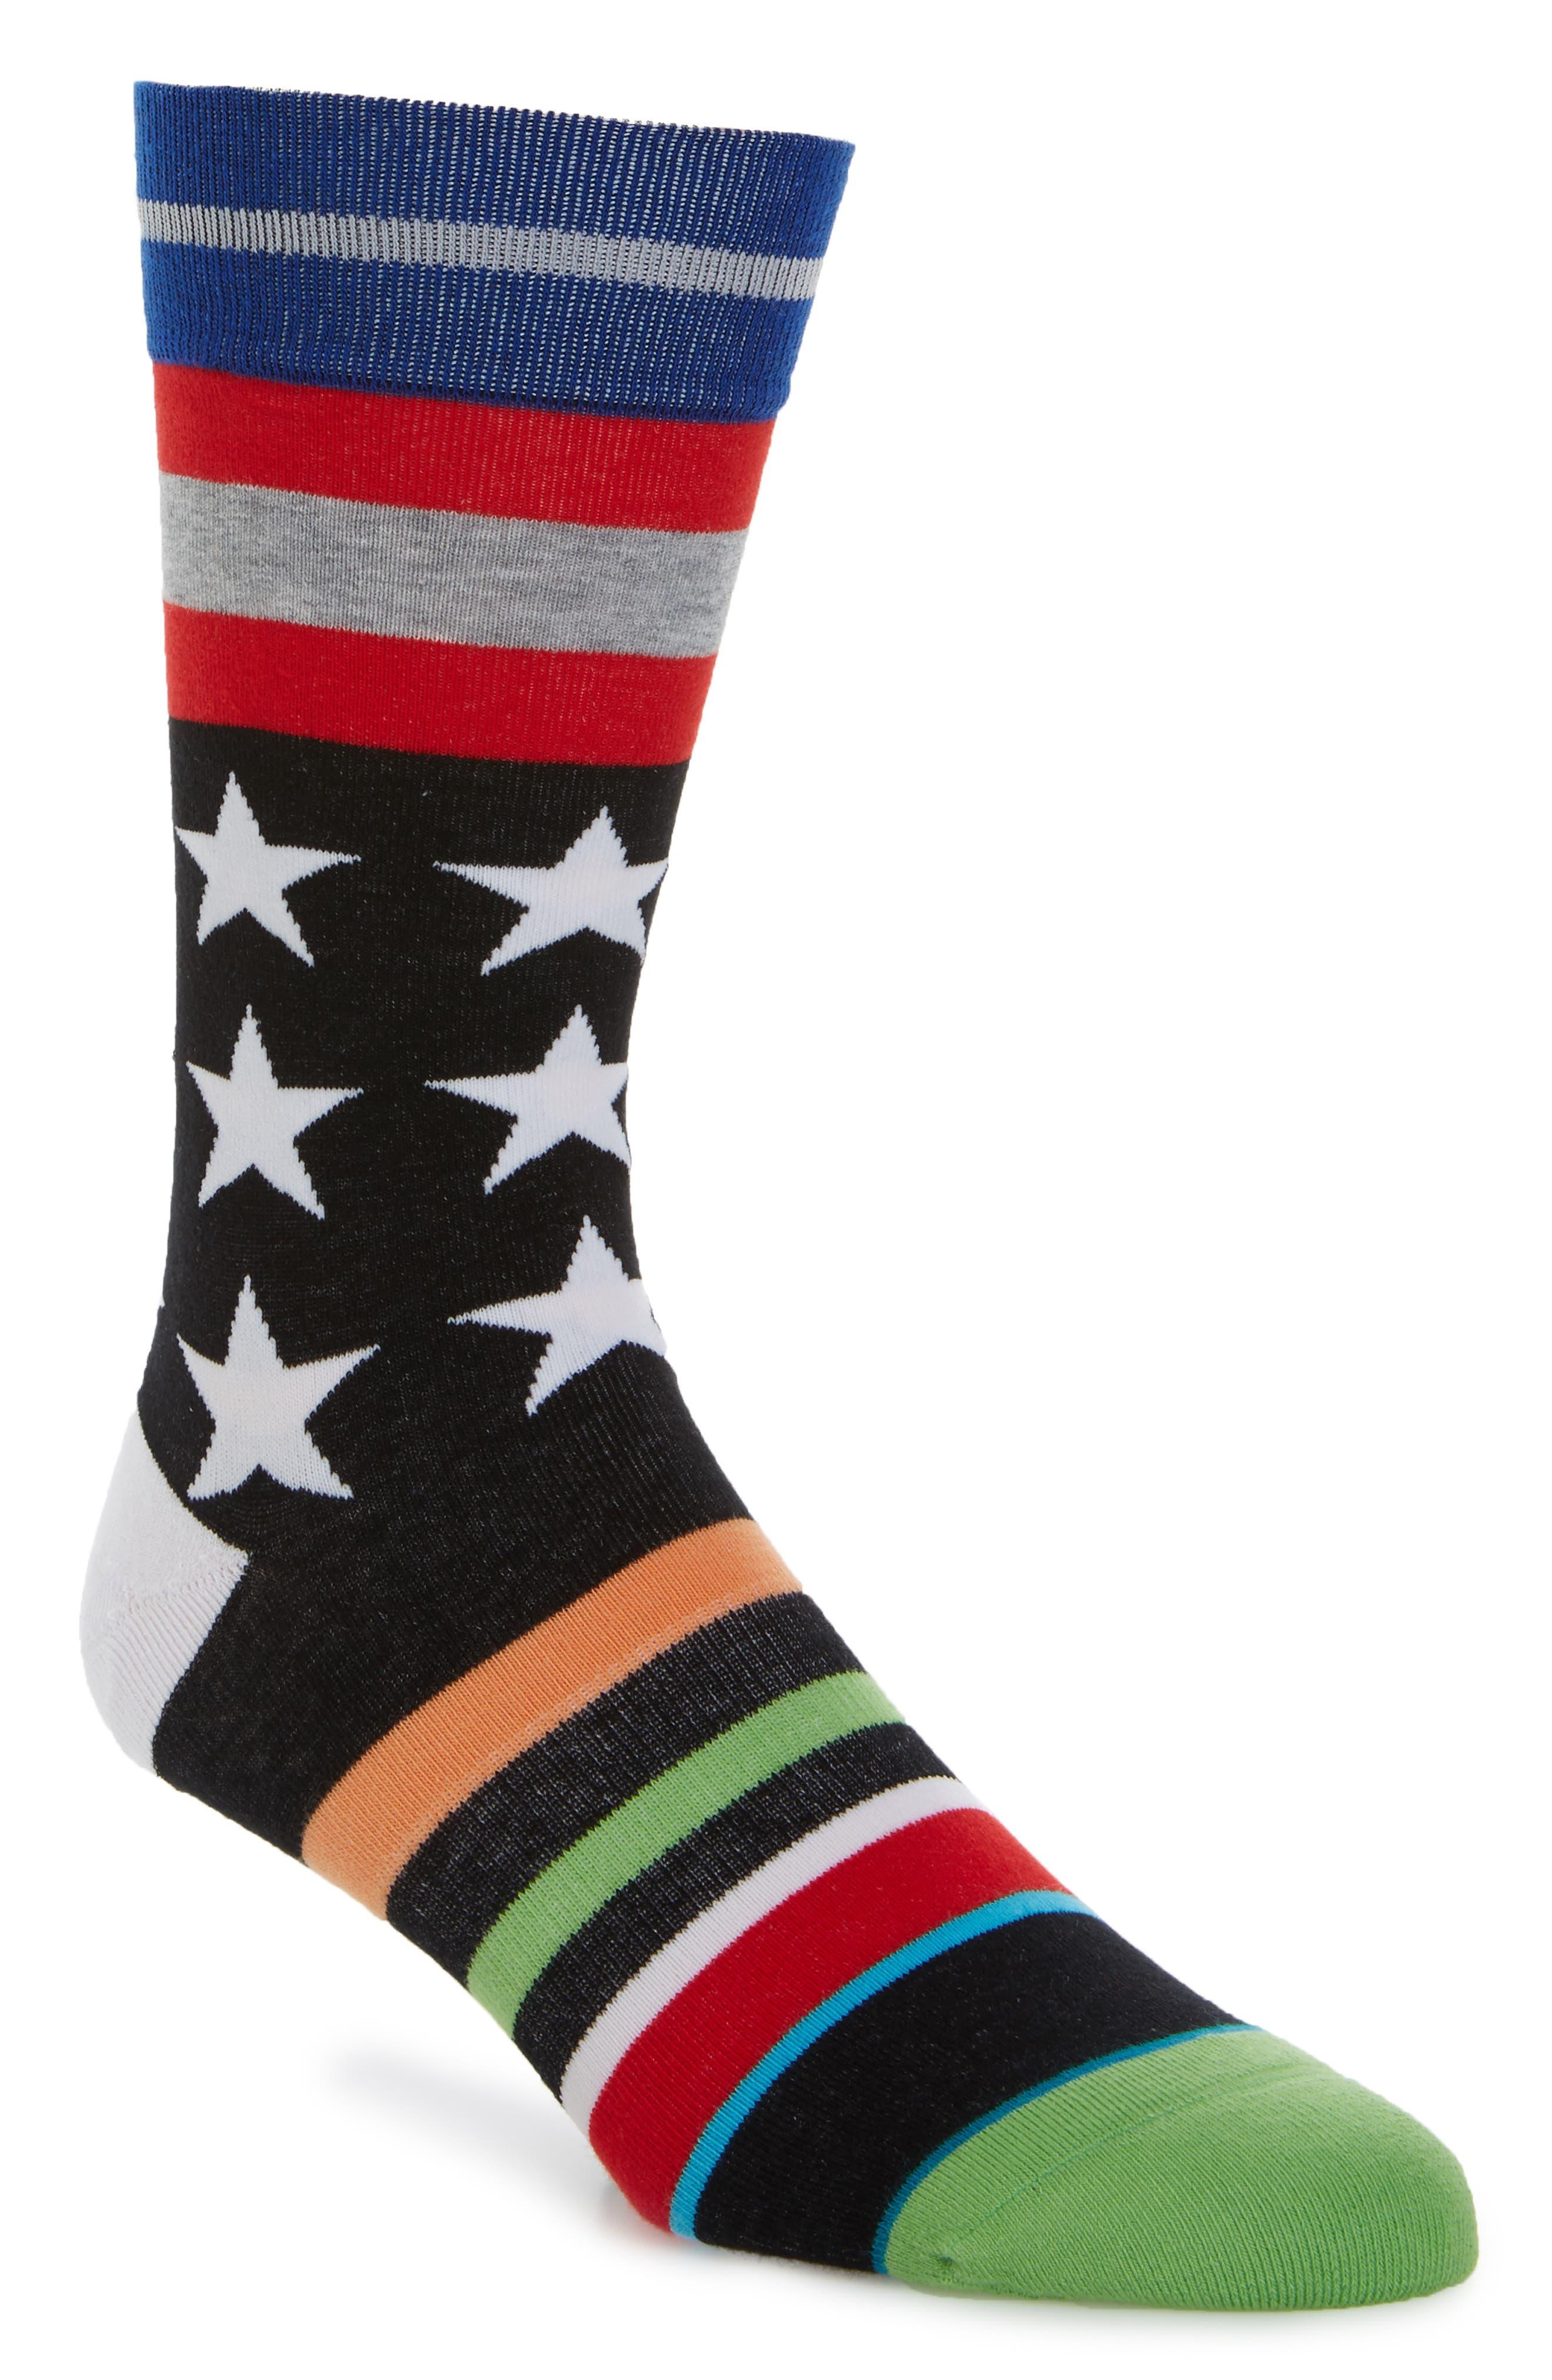 Stance Harden Salute Socks